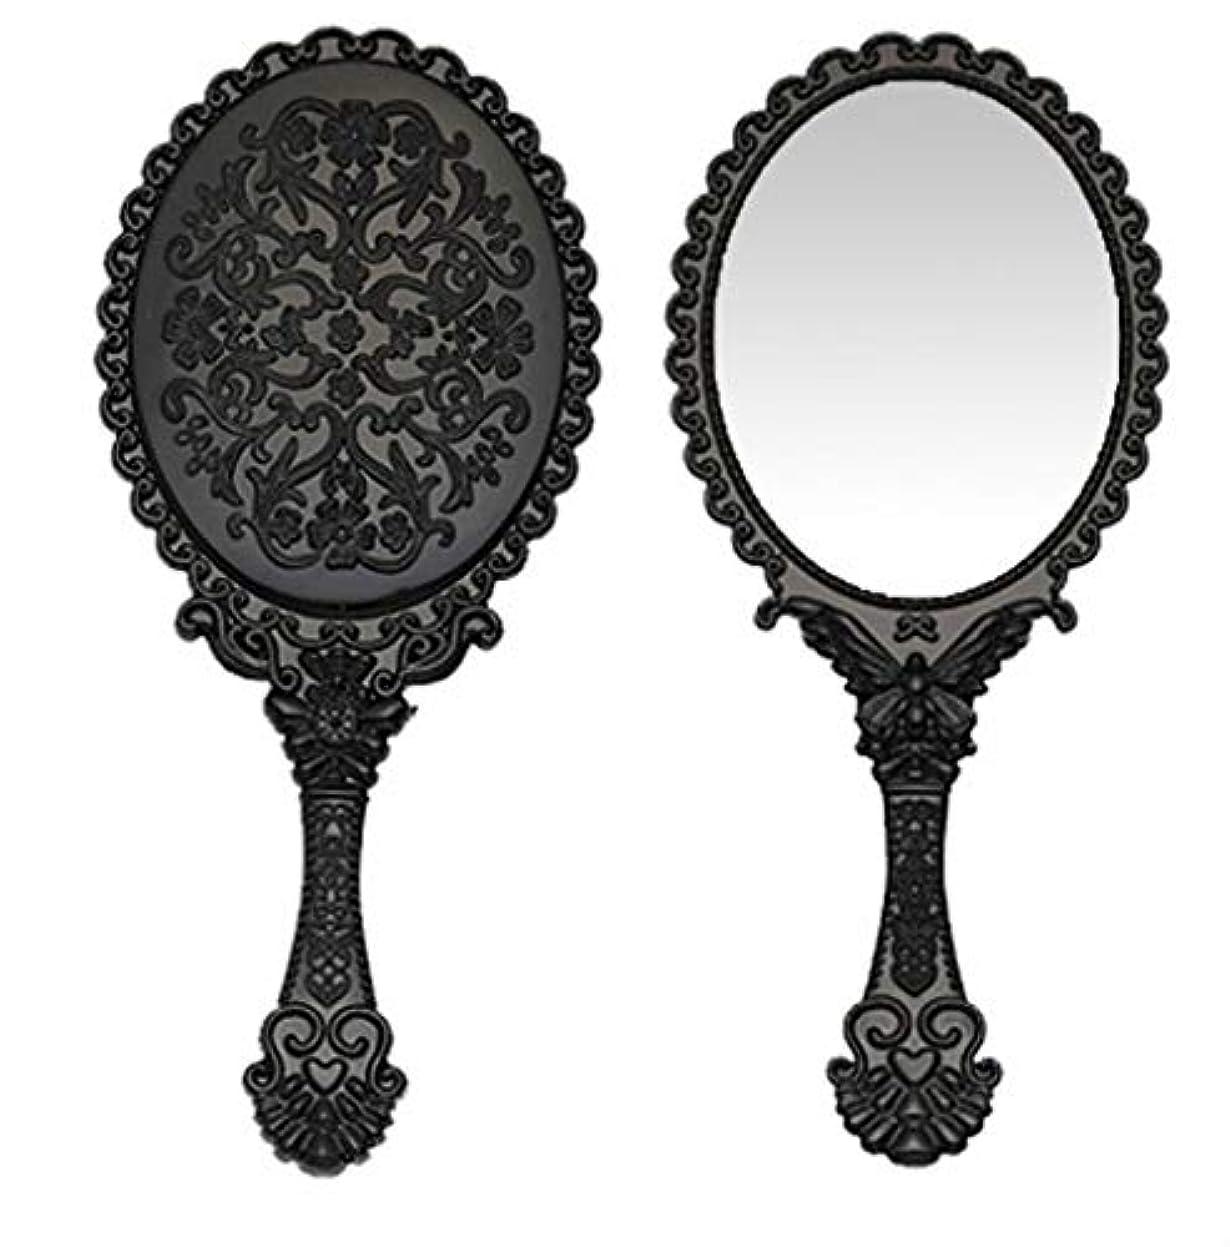 リスト抹消退化する送料無料 トゥインクル 楕円の鏡 メイク ポーチ 化粧 ミラー 手鏡 姫系ハンドミラー ブラック